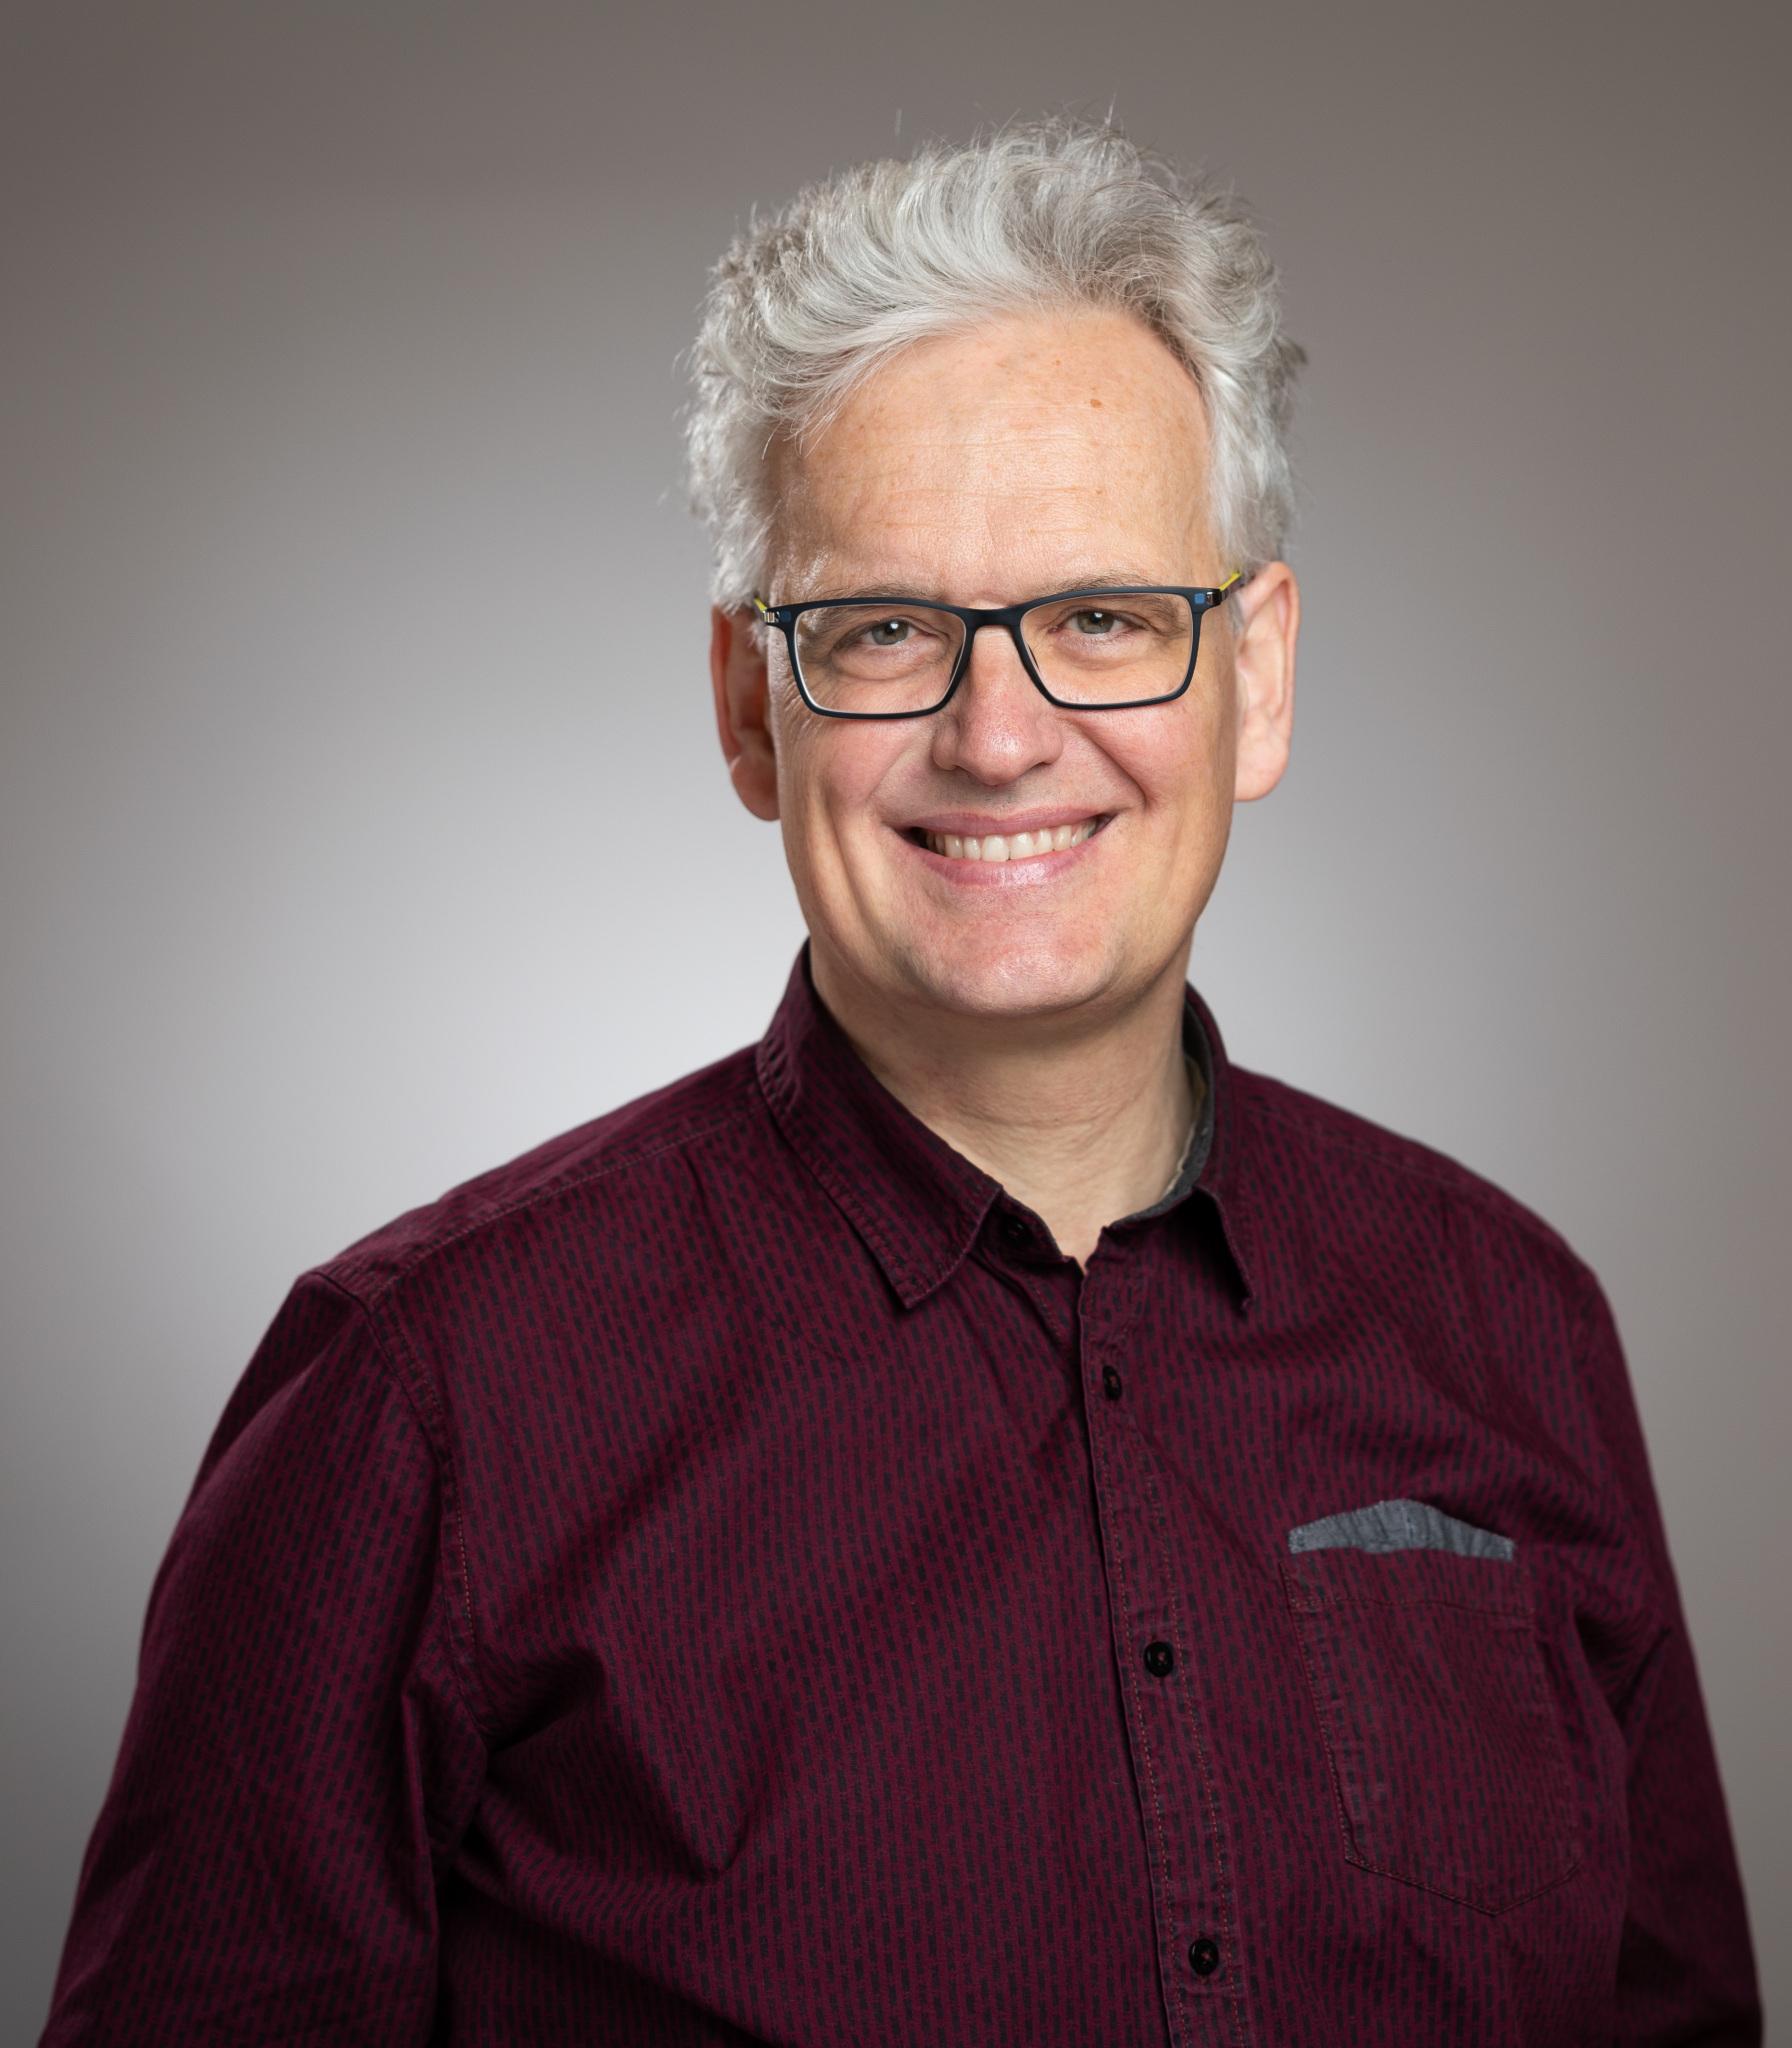 Frank Loebbecke, 53